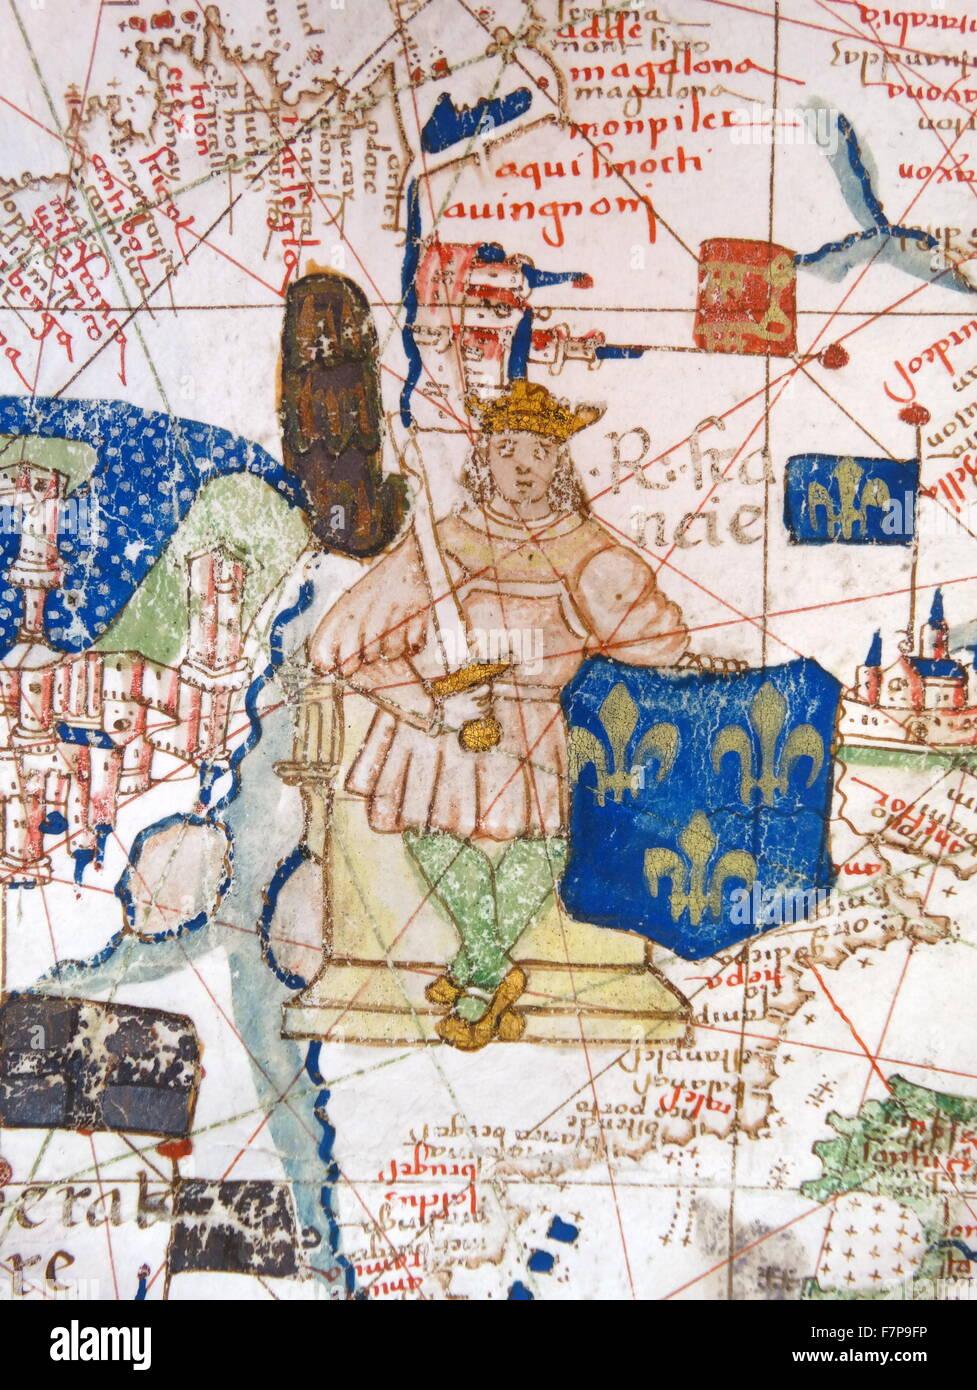 Renaissance Europakarte, Jacopo Russo, 1528, detail Stockbild